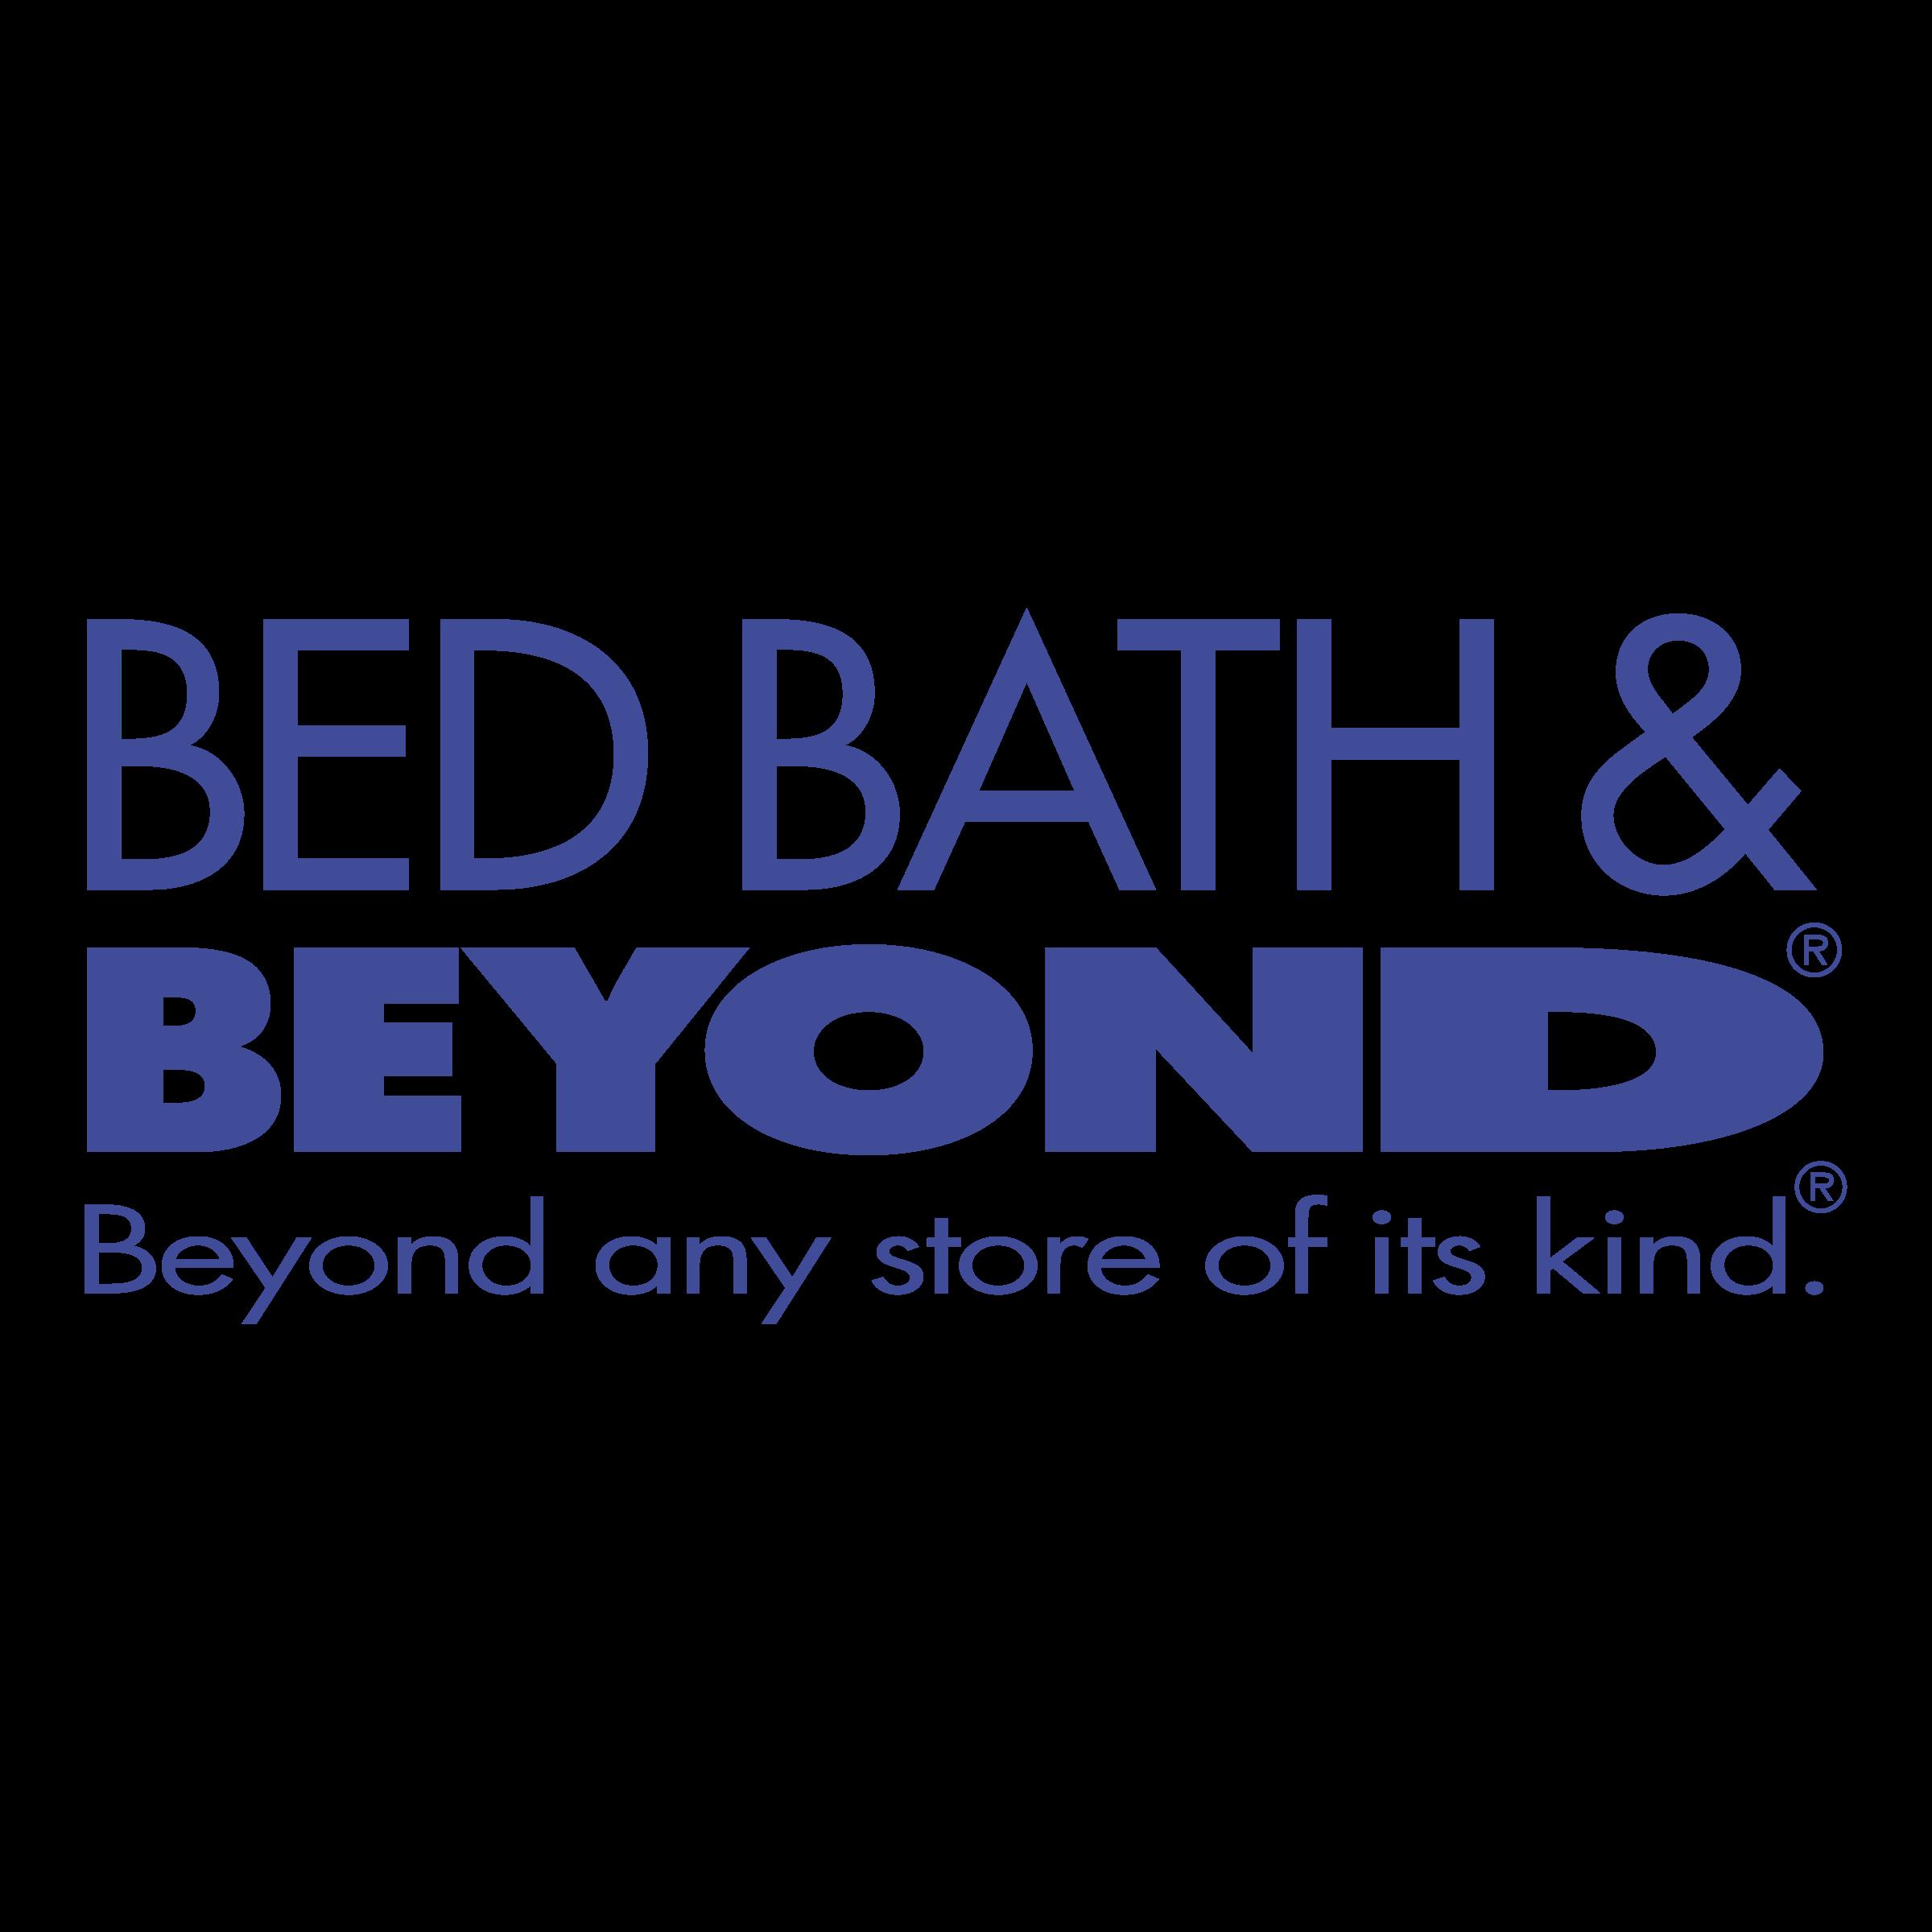 Bed Bath & Beyond Logo PNG Transparent & SVG Vector.